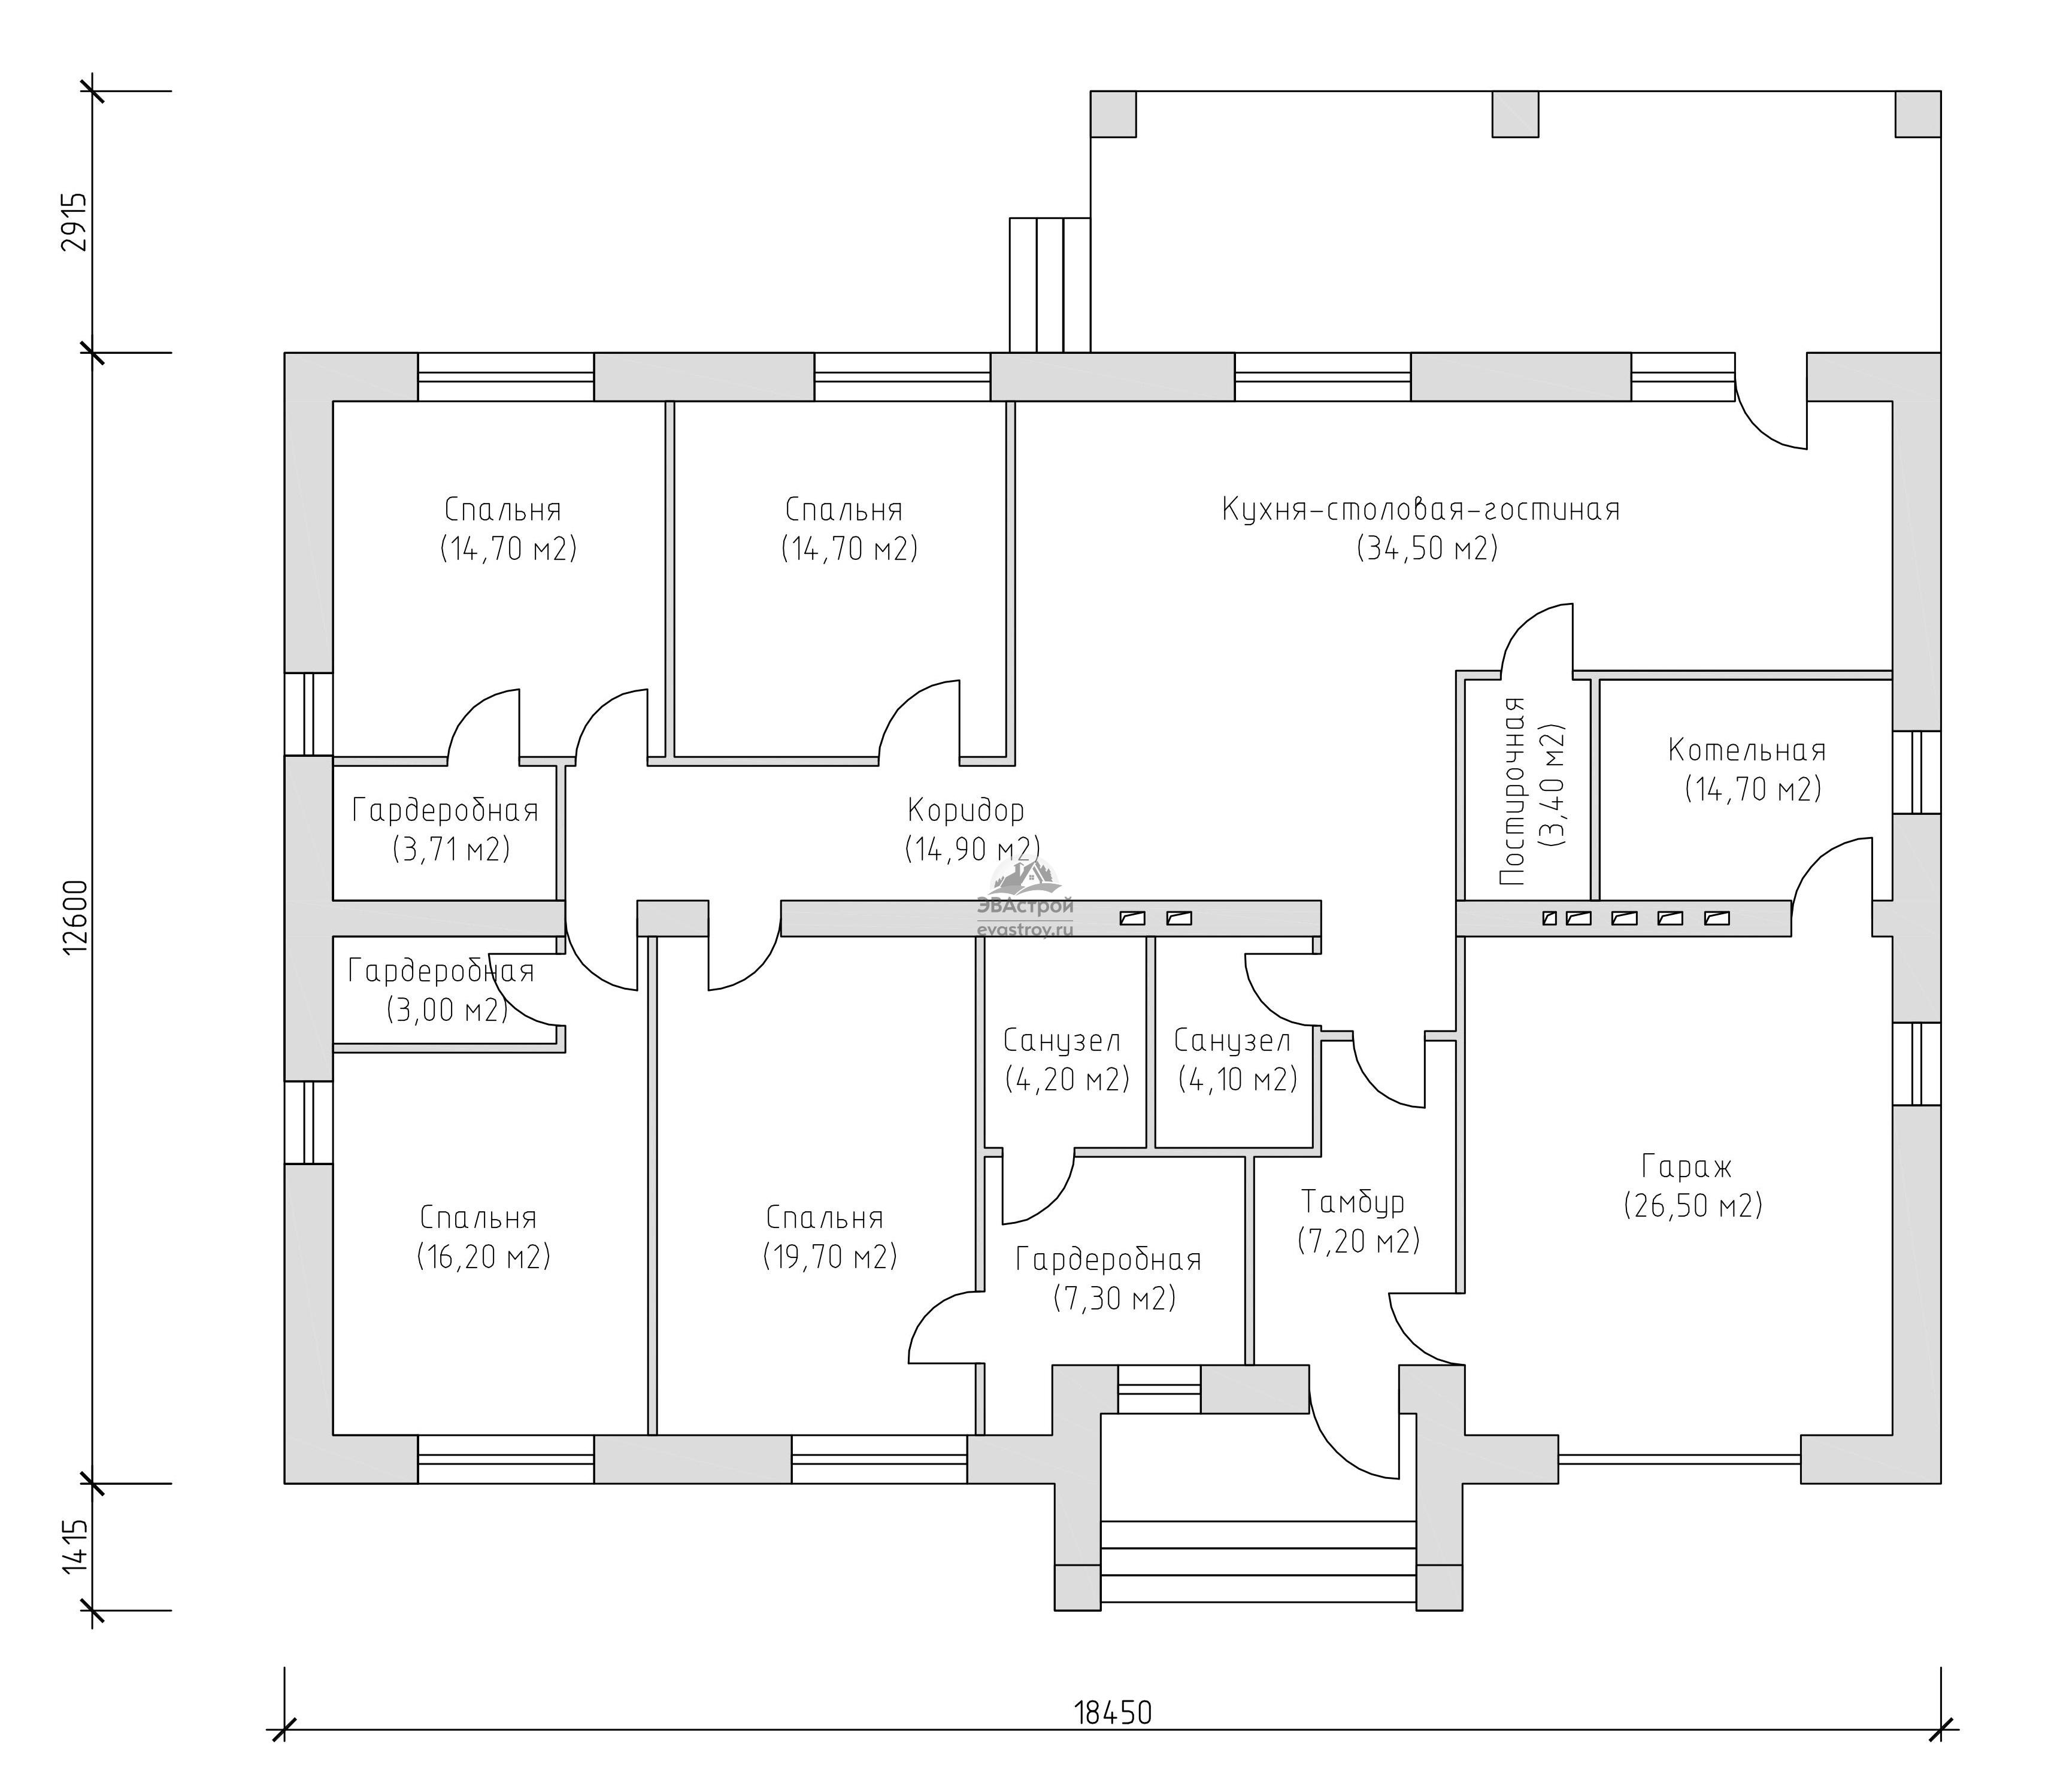 Проект просторного одноэтажного дома с 4 спальнями и гаражом. компания леон строит под ключ дачи, коттеджи в москве и московской области